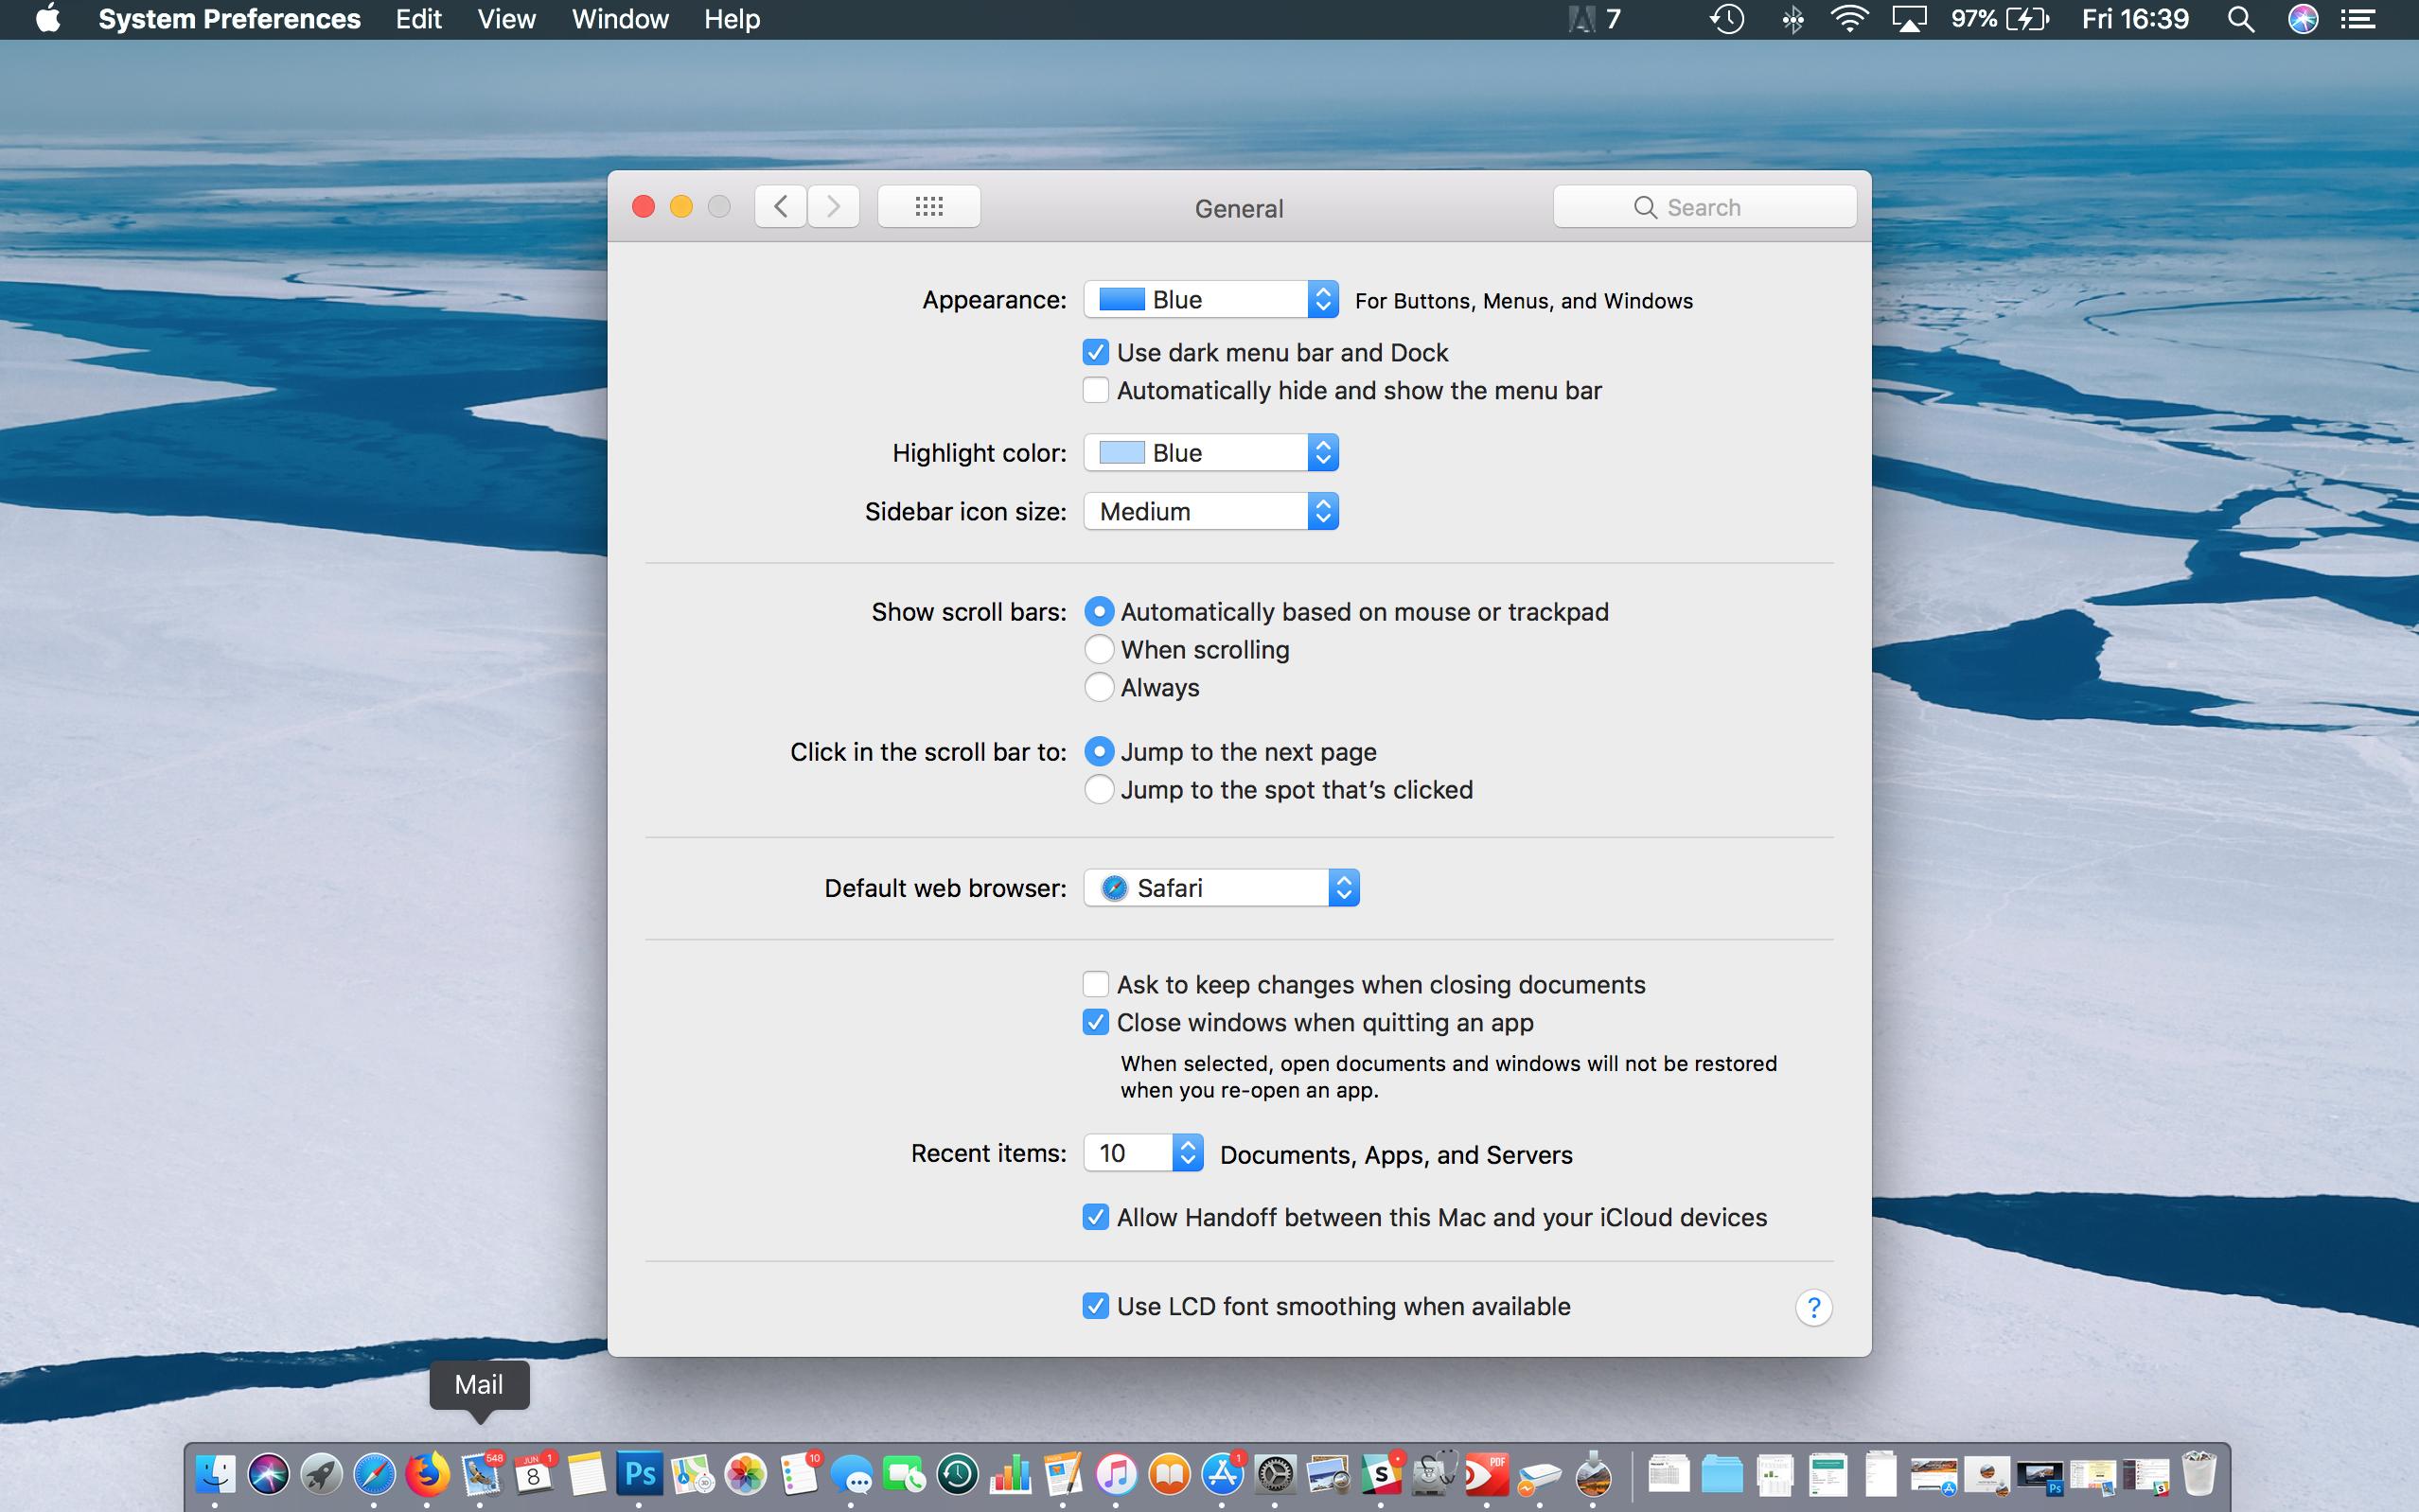 Cómo usar el modo oscuro en Mac: High Sierra